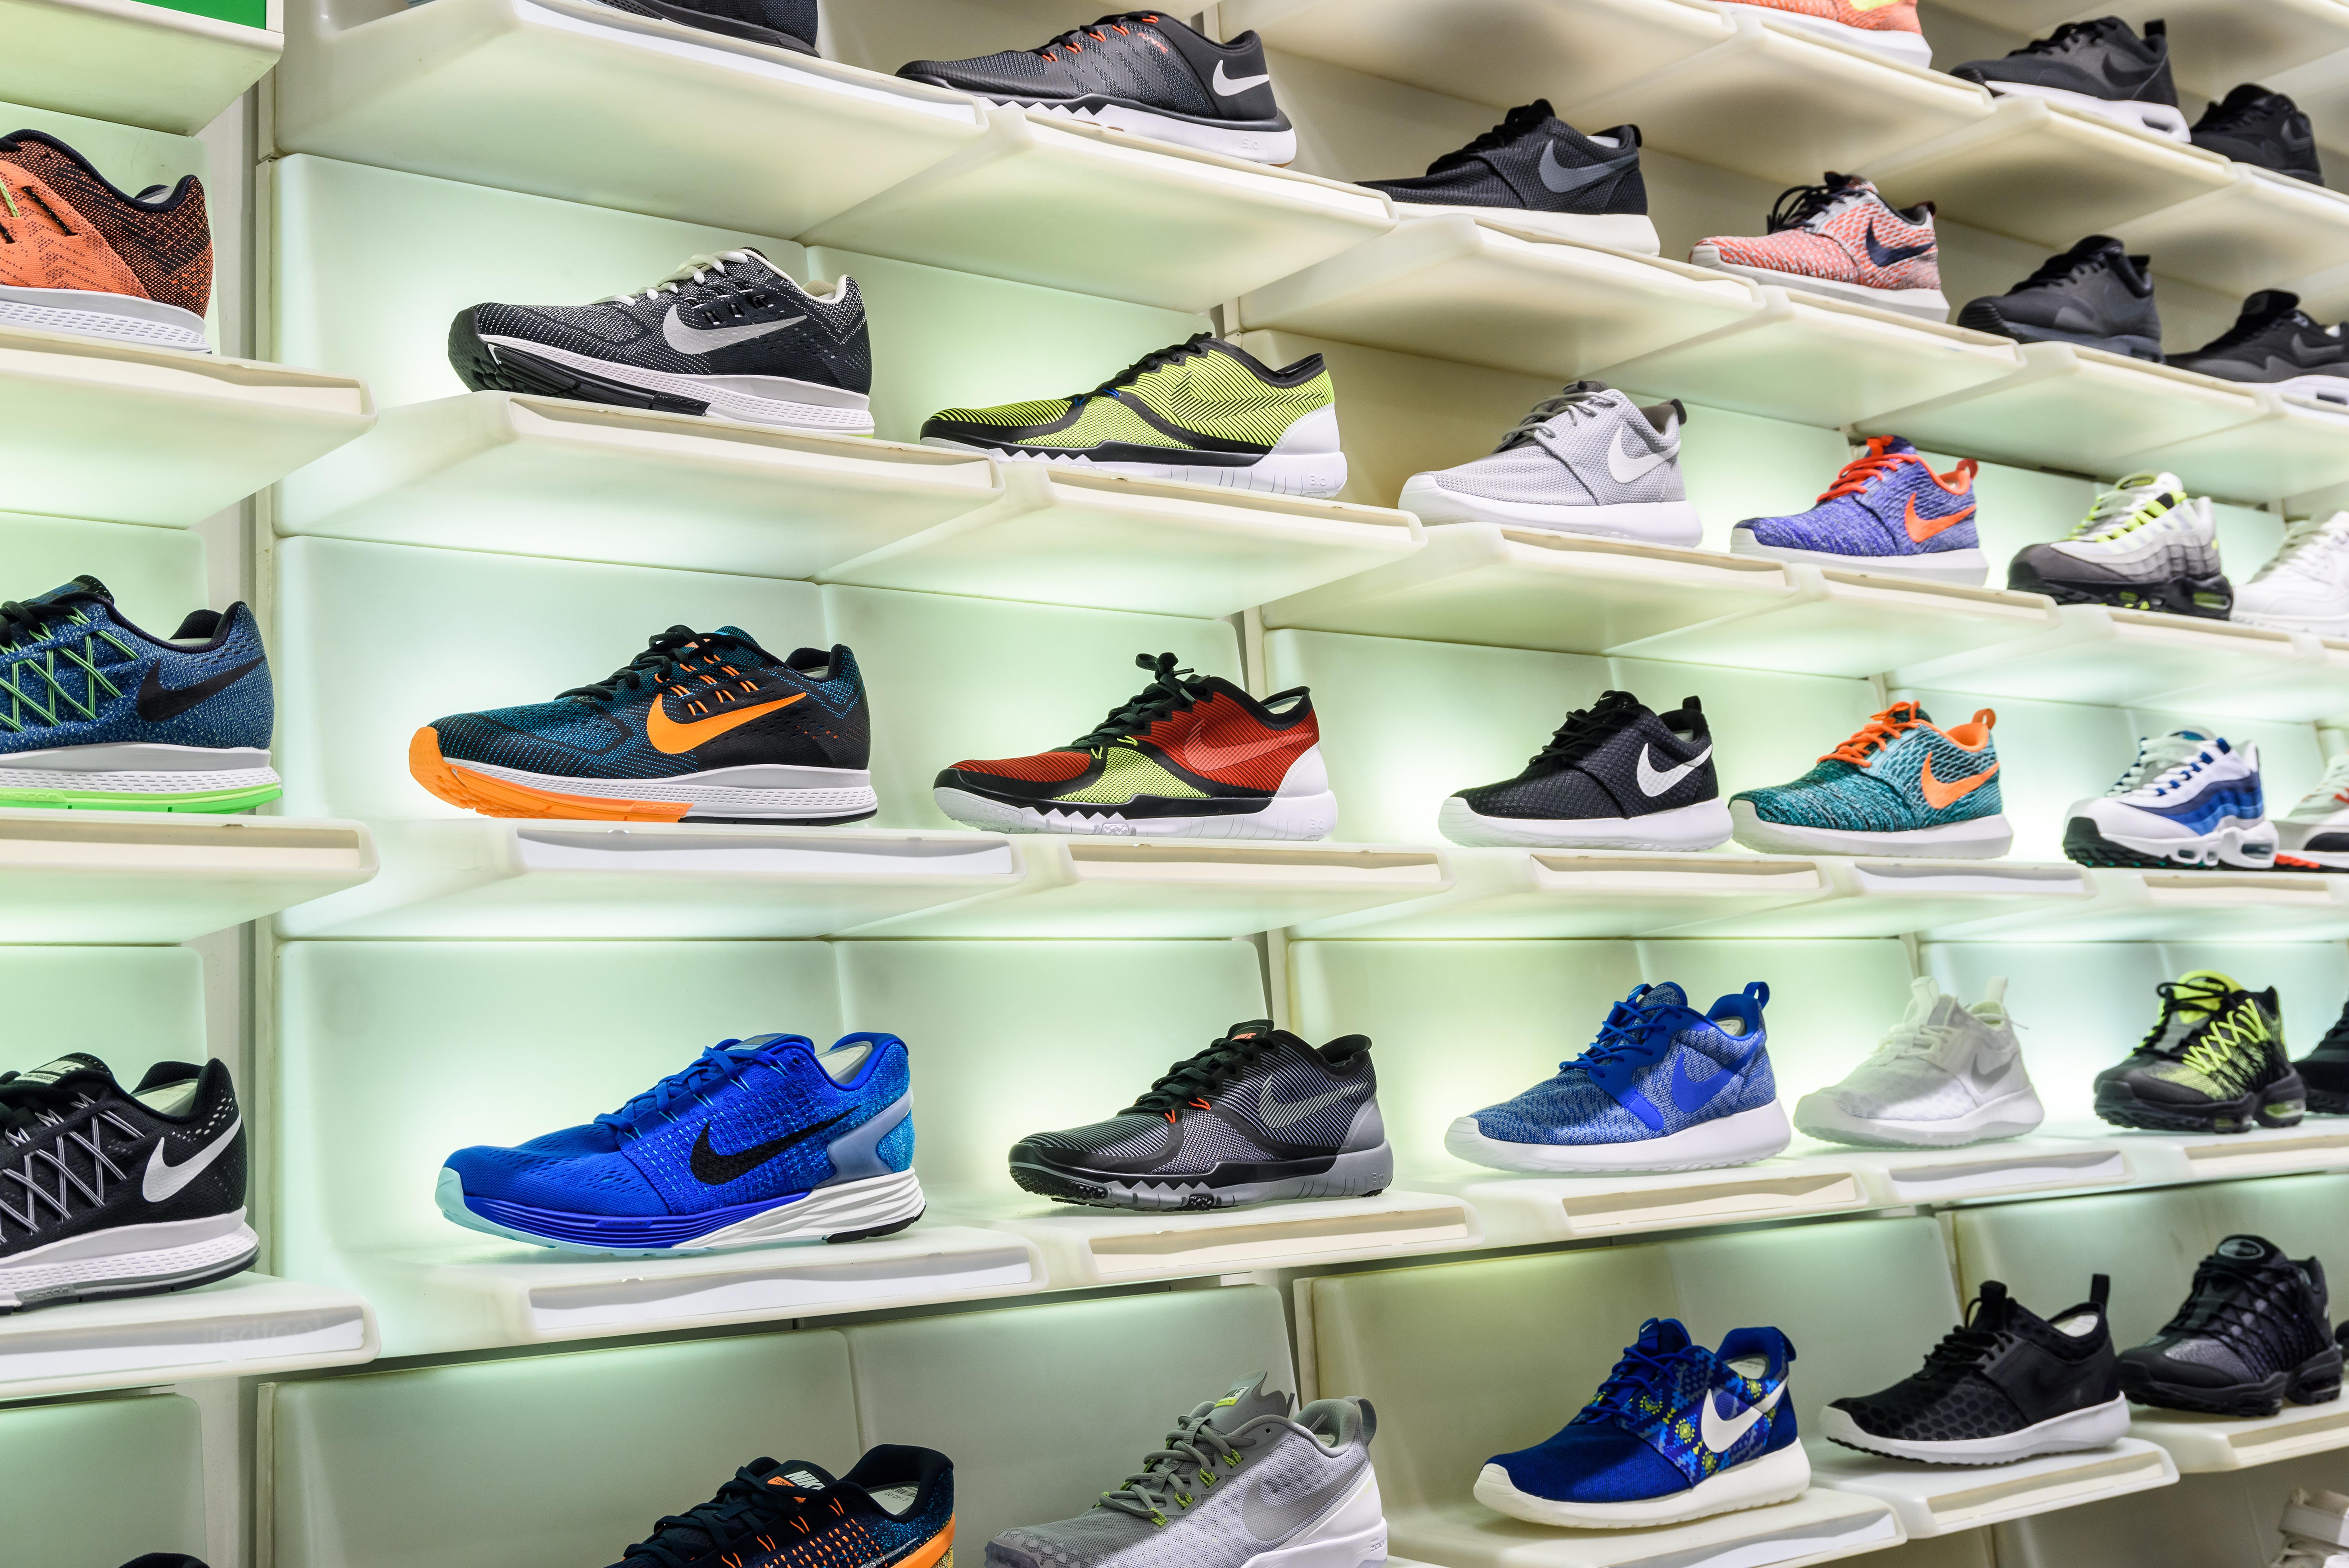 buty nike których nie kupimy w polsce